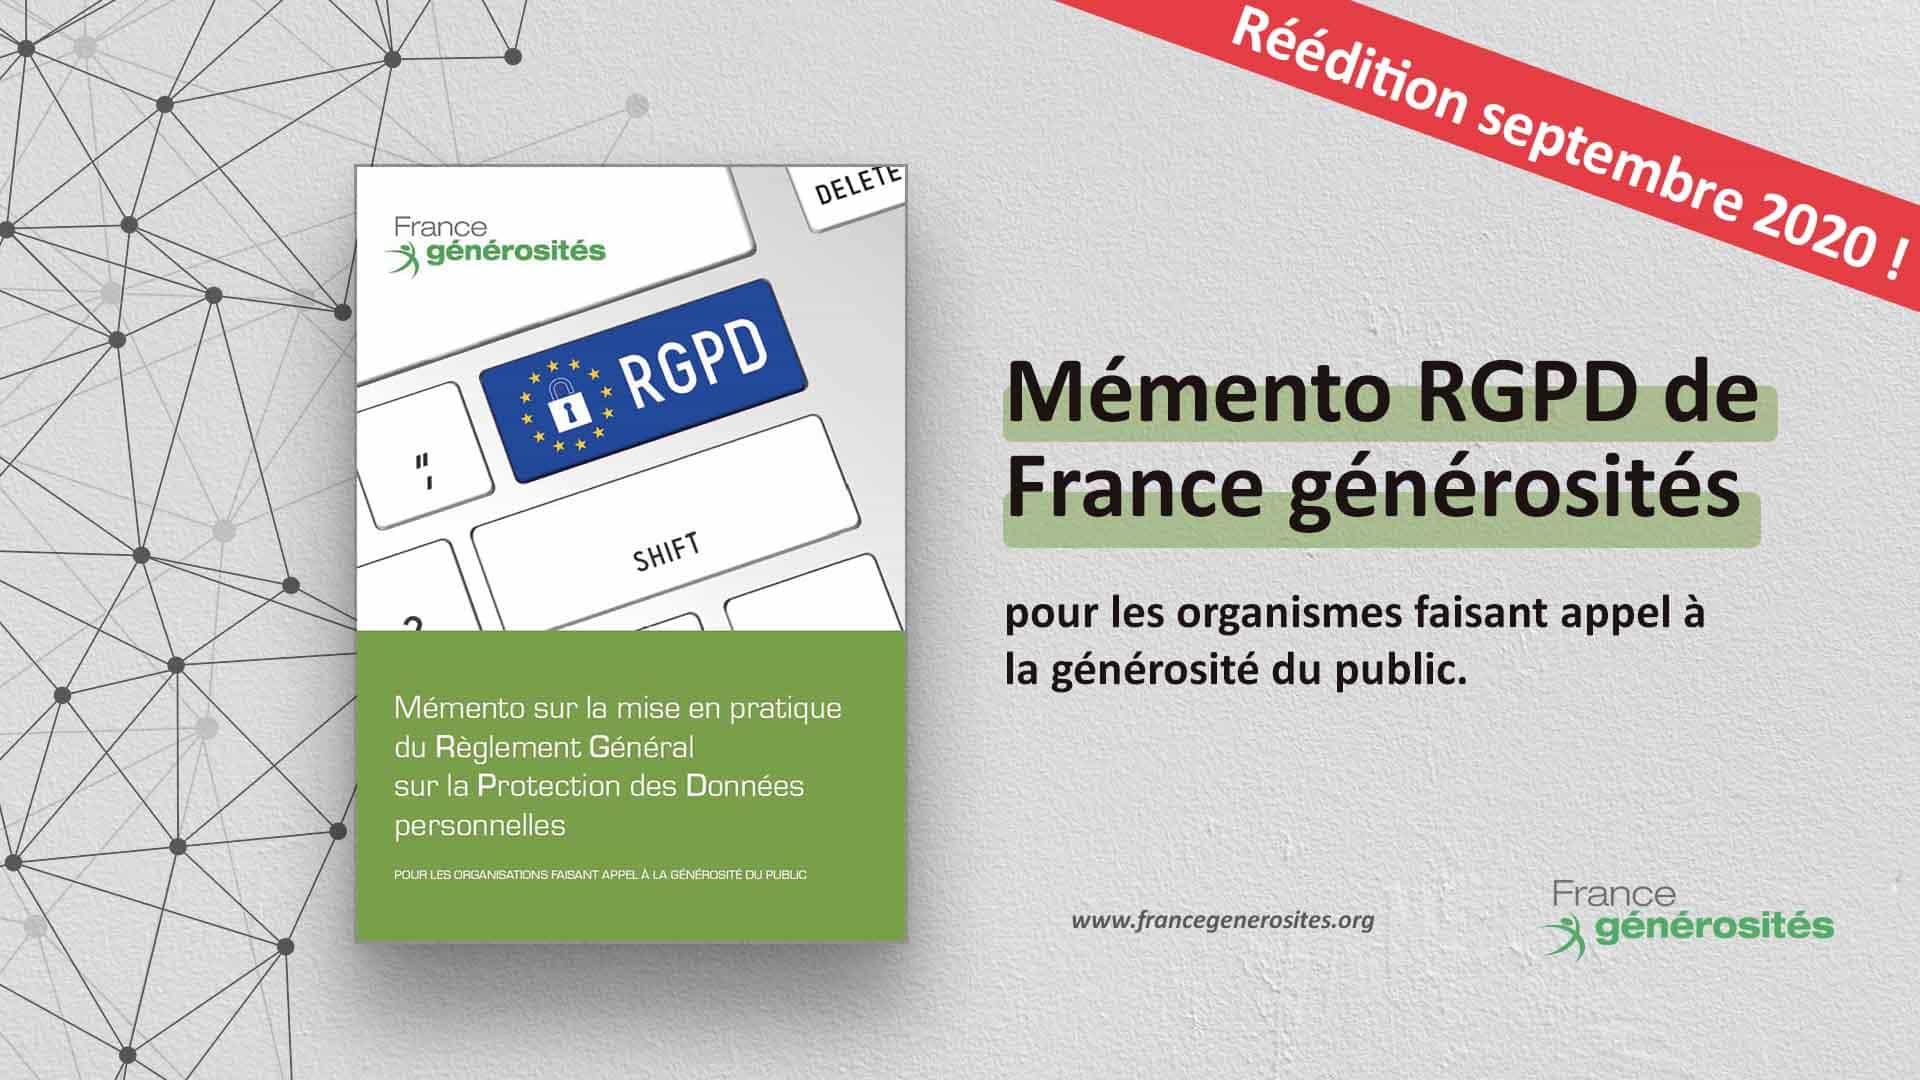 Couverture réédition Mémento RGPD - septembre 2020 BD (1)